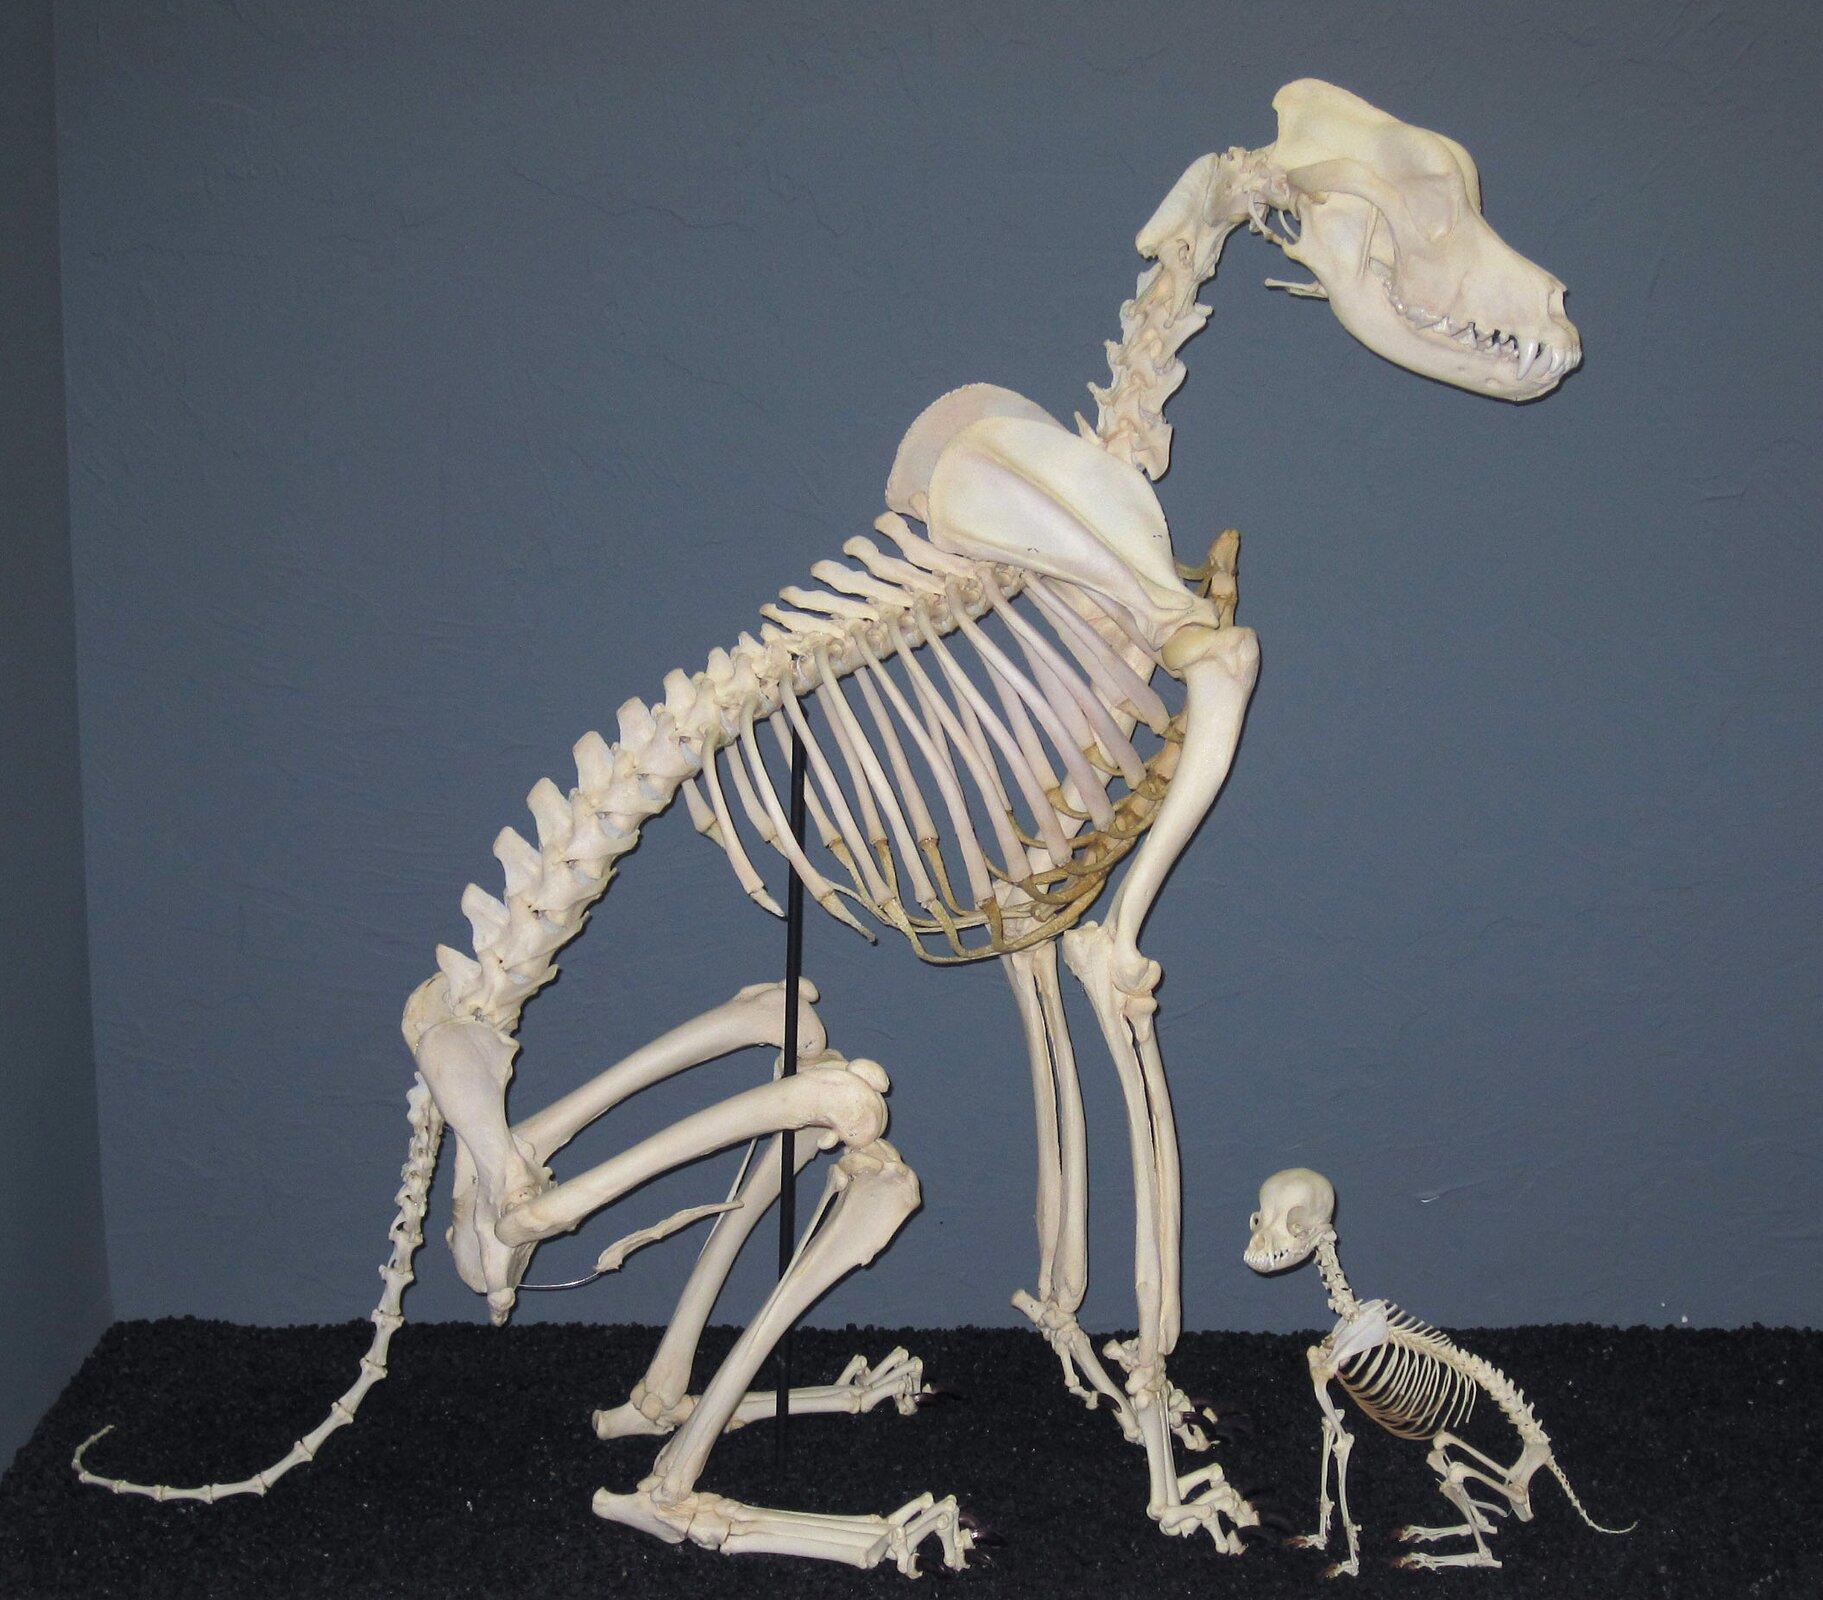 Druga ilustracja wgalerii. Na niej dwa szkielety psów. Szkielety zbudowane zbiałych kości. Po lewej szkielet największego psa. To dog. Szkielet przedstawiony bokiem. Czaszka skierowana wprawo. Na prawo od szkieletu doga mały szkielet chihuahua. Szkielet małego psa jest kilkakrotnie mniejszy od szkieletu doga. Chihuahua wpozycji siedzącej. Czaszka skierowana wlewo.